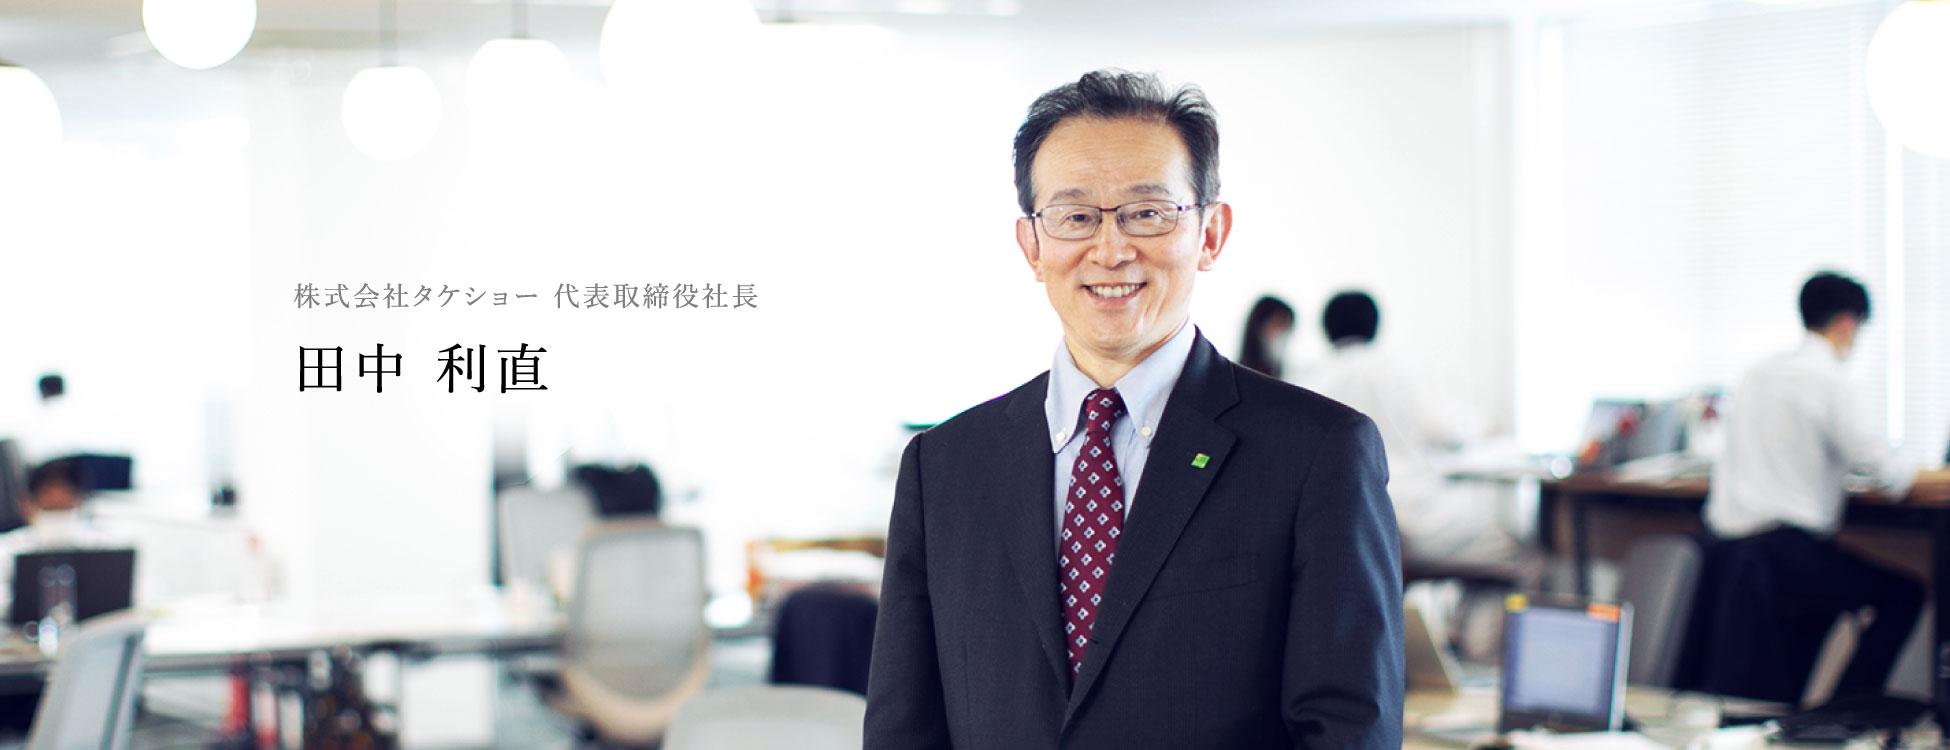 代表取締役社長 田中 利直